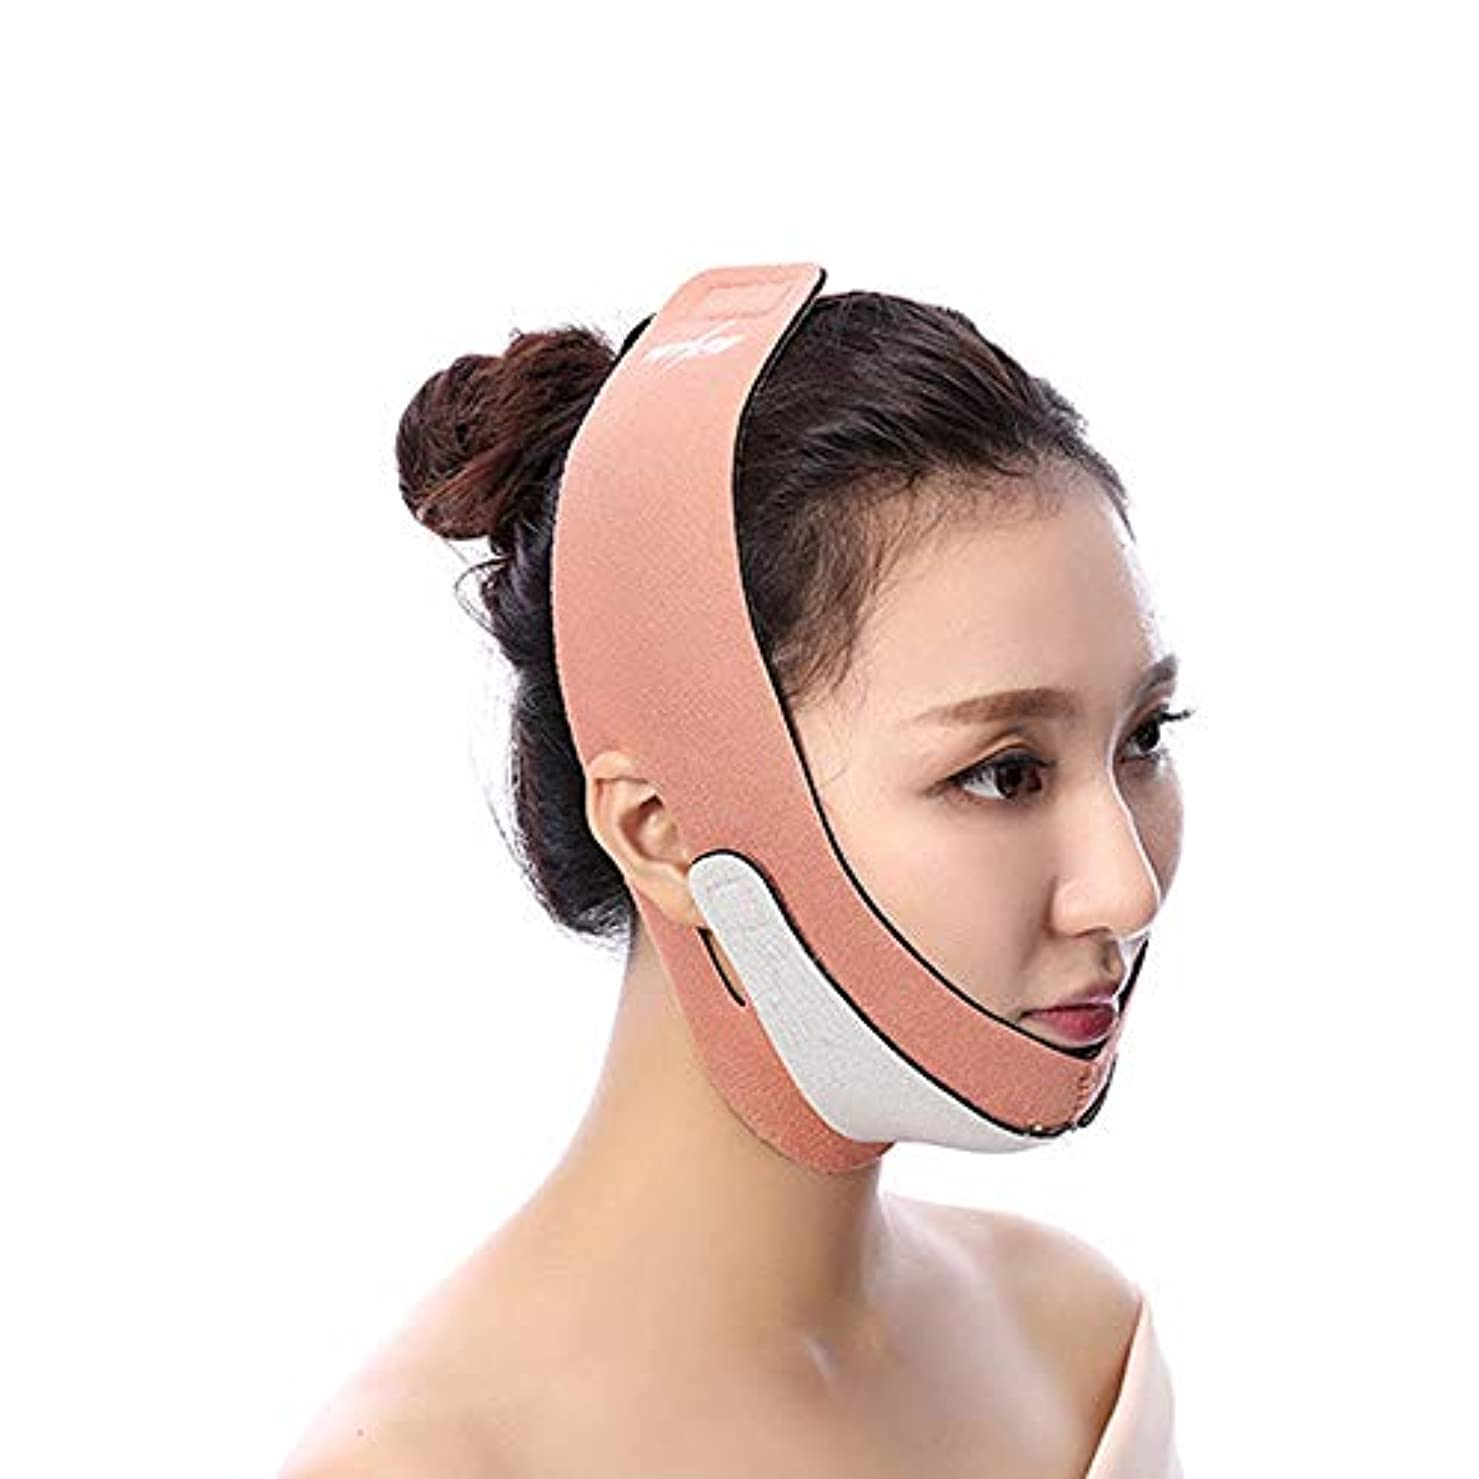 退屈な大学ジョージエリオット薄型フェイスマスク、フェイスリフティングに最適、フェイスバンドを引き締めて肌の包帯を締め、頬あごの持ち上げ、肌の包帯を引き締める(ワンサイズはすべてにフィット) (Color : Orange)